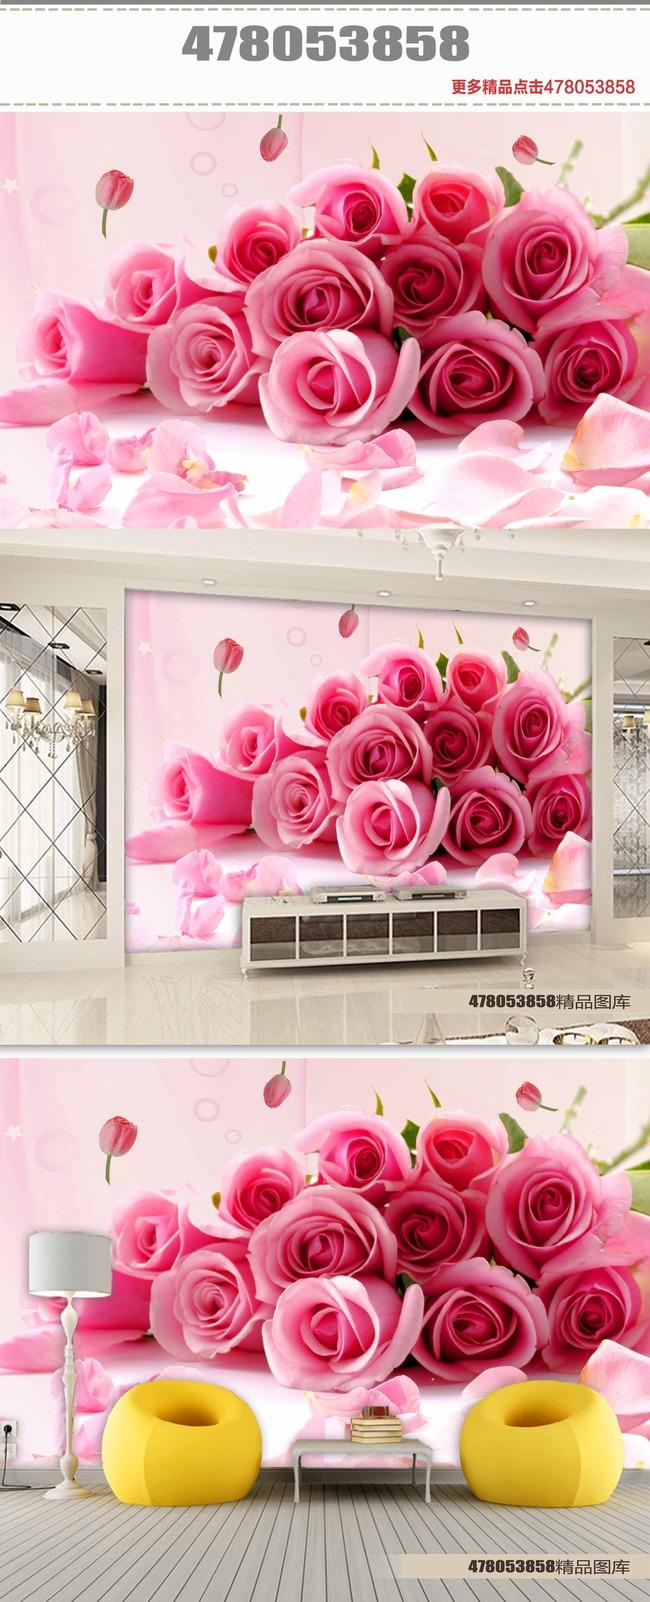 玫瑰花婚房背景墙